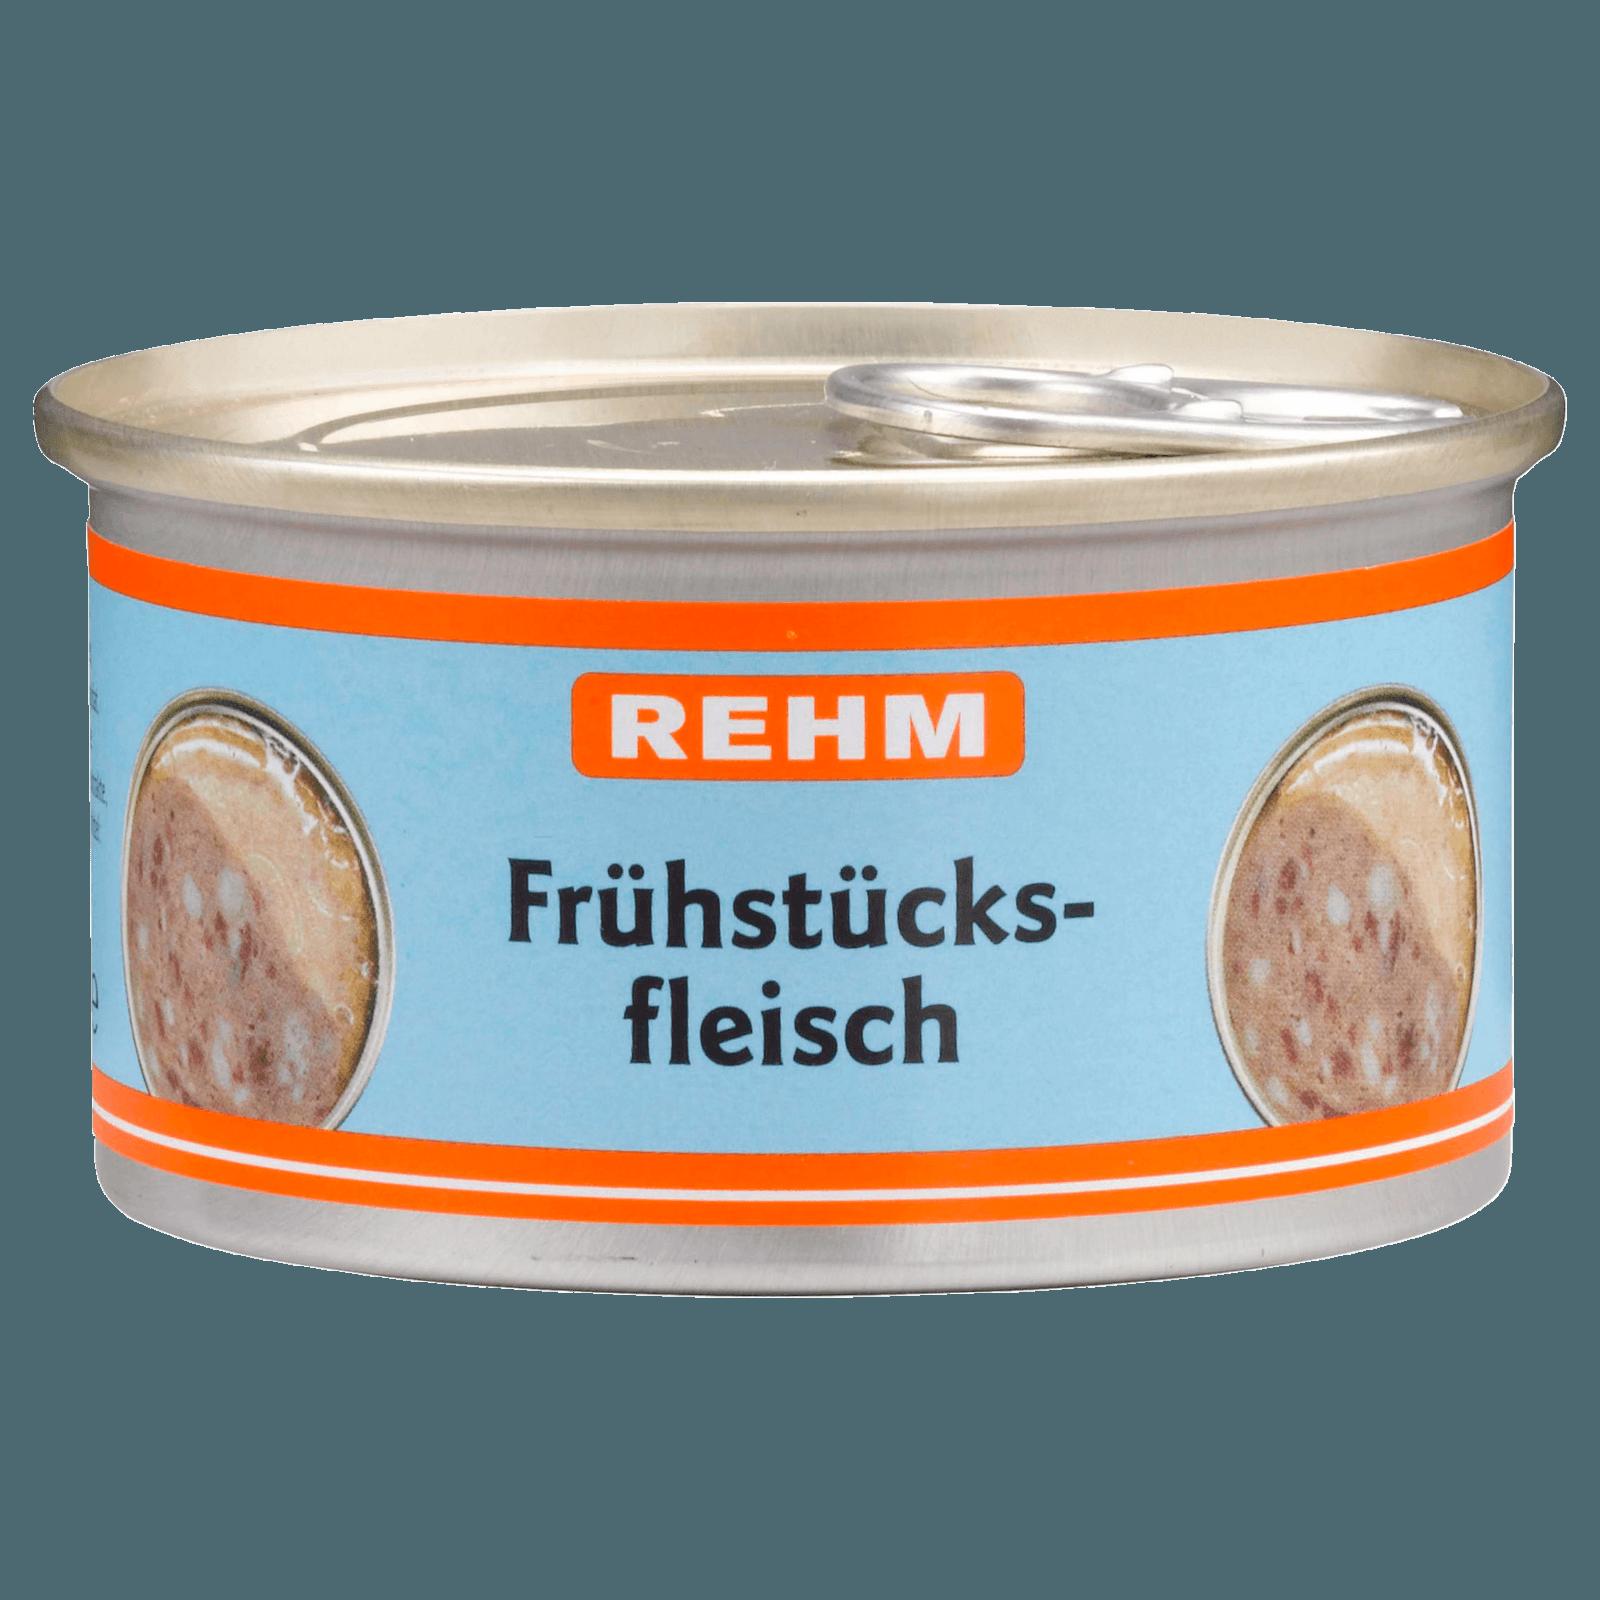 Rehm Frühstücksfleisch 125g